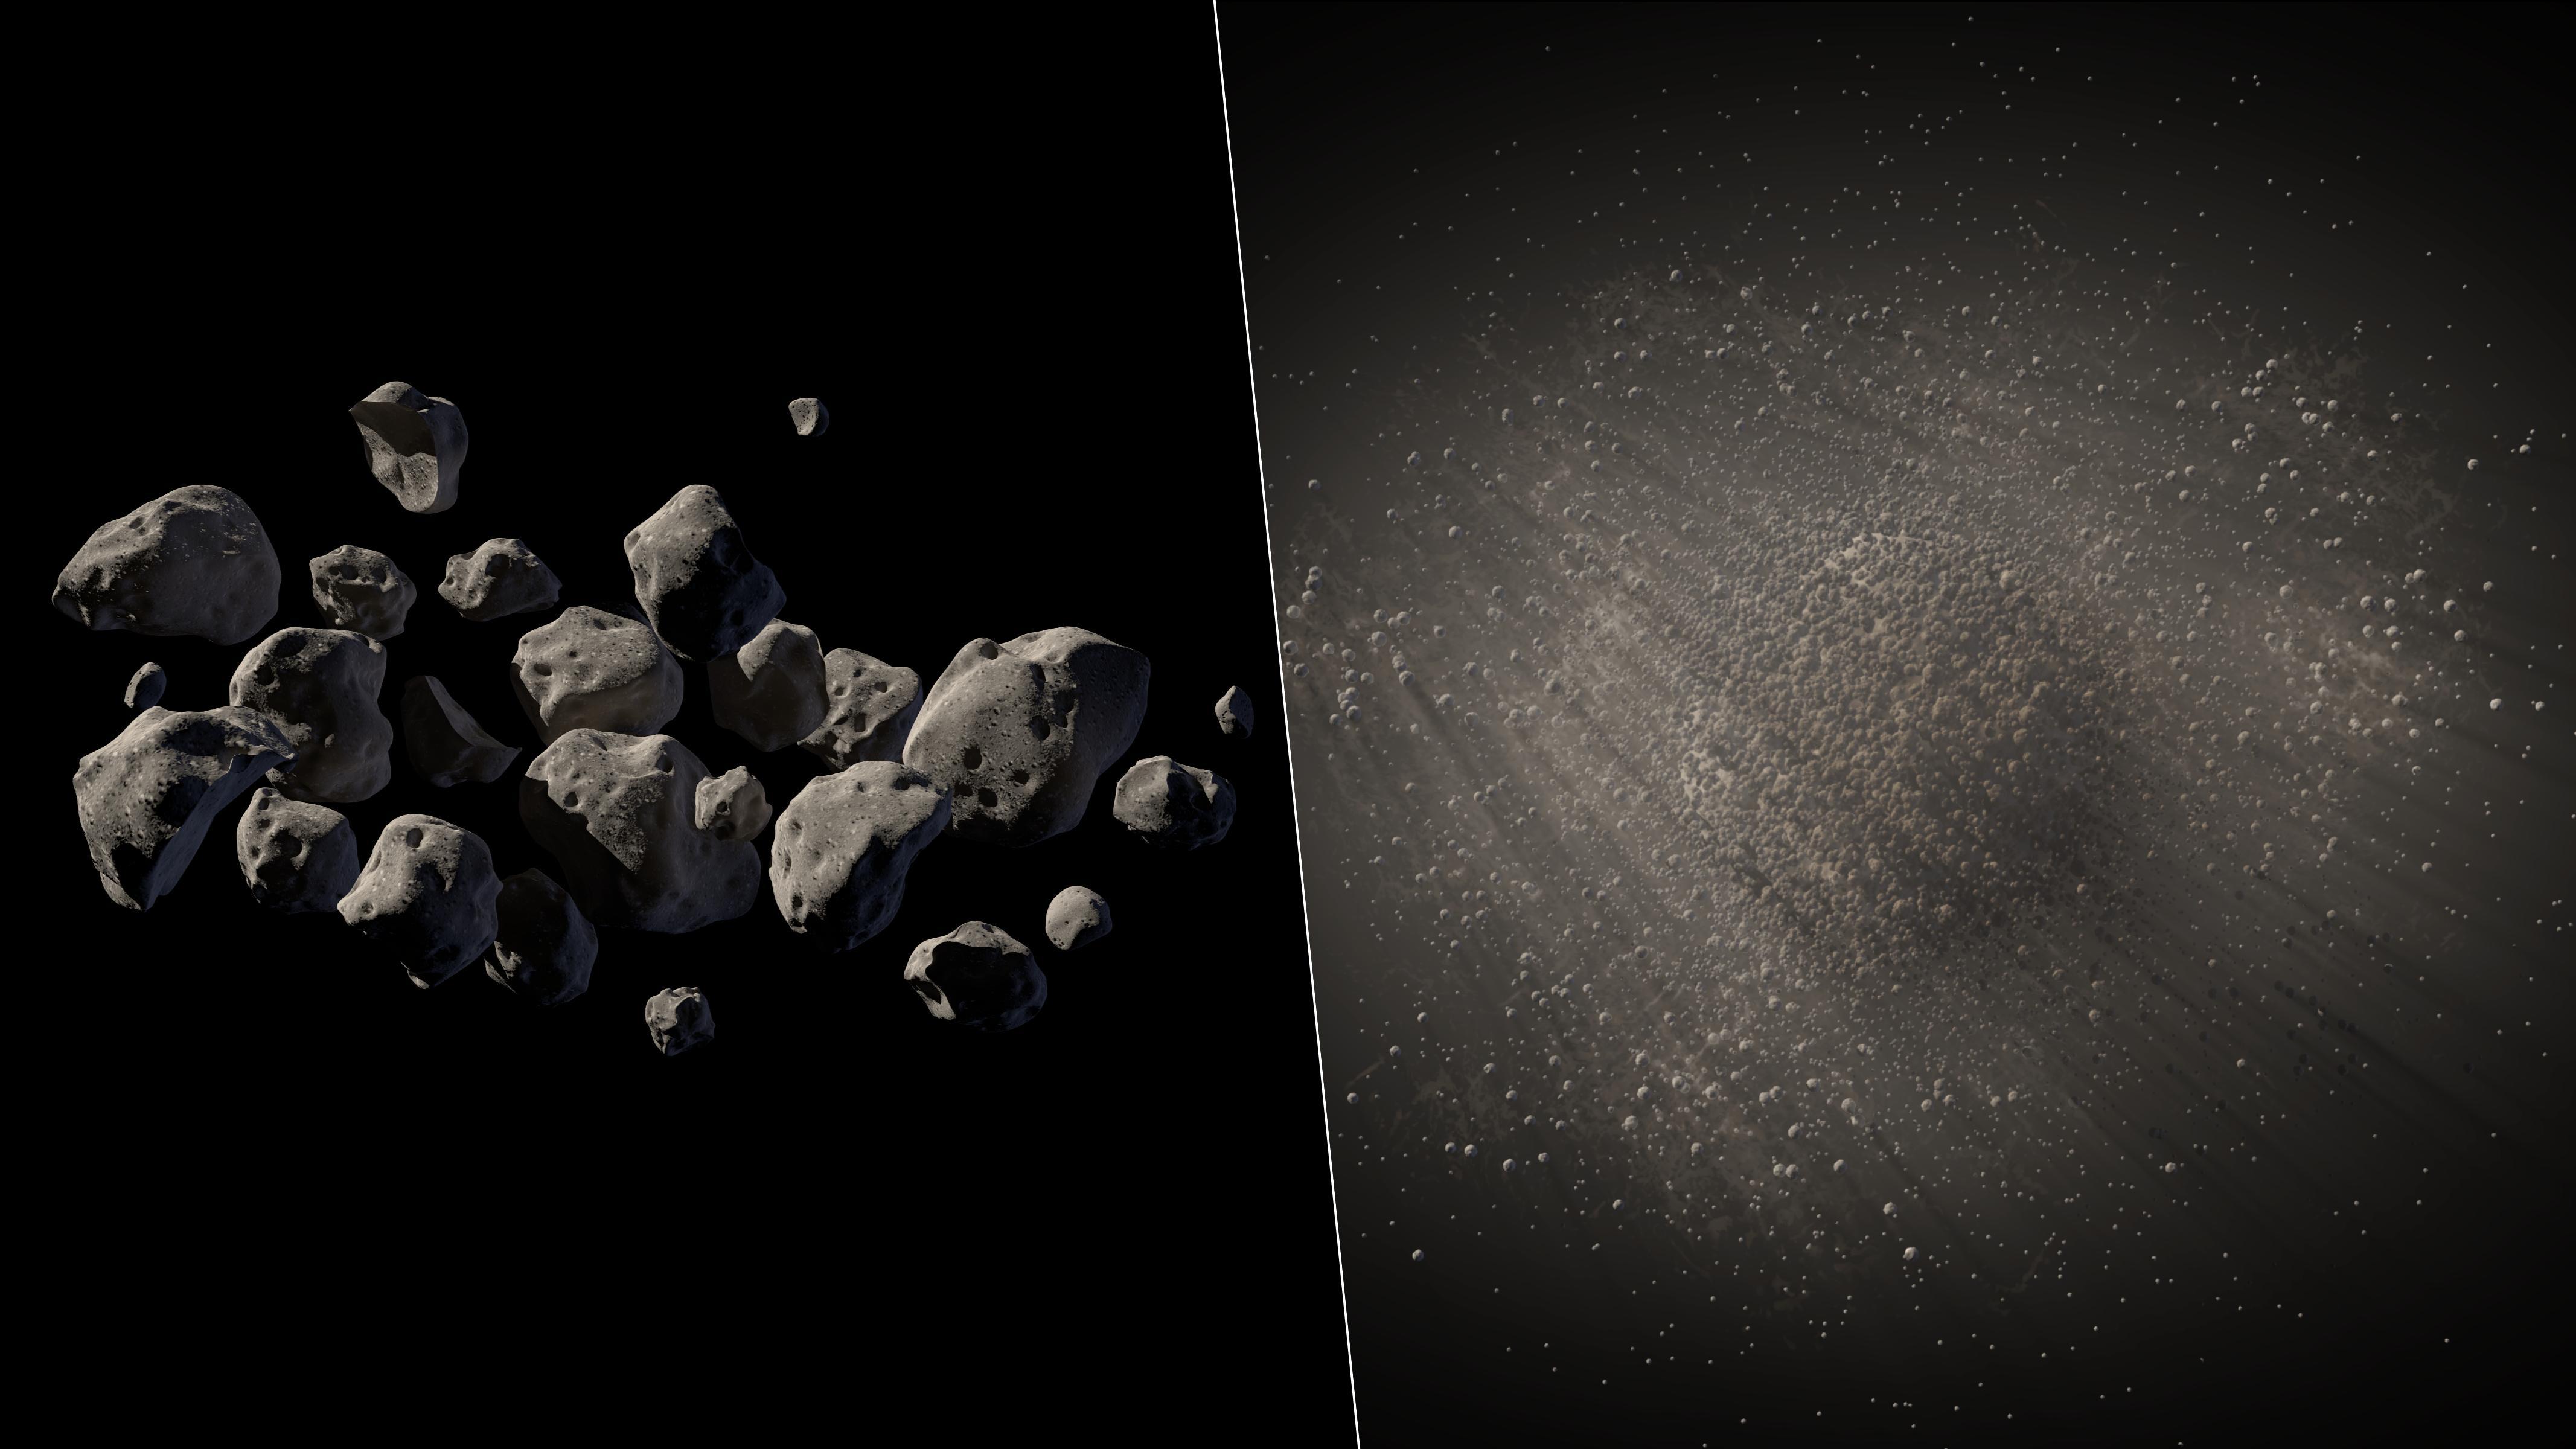 пояс астероидов фото высокой четкости после концерта фирма